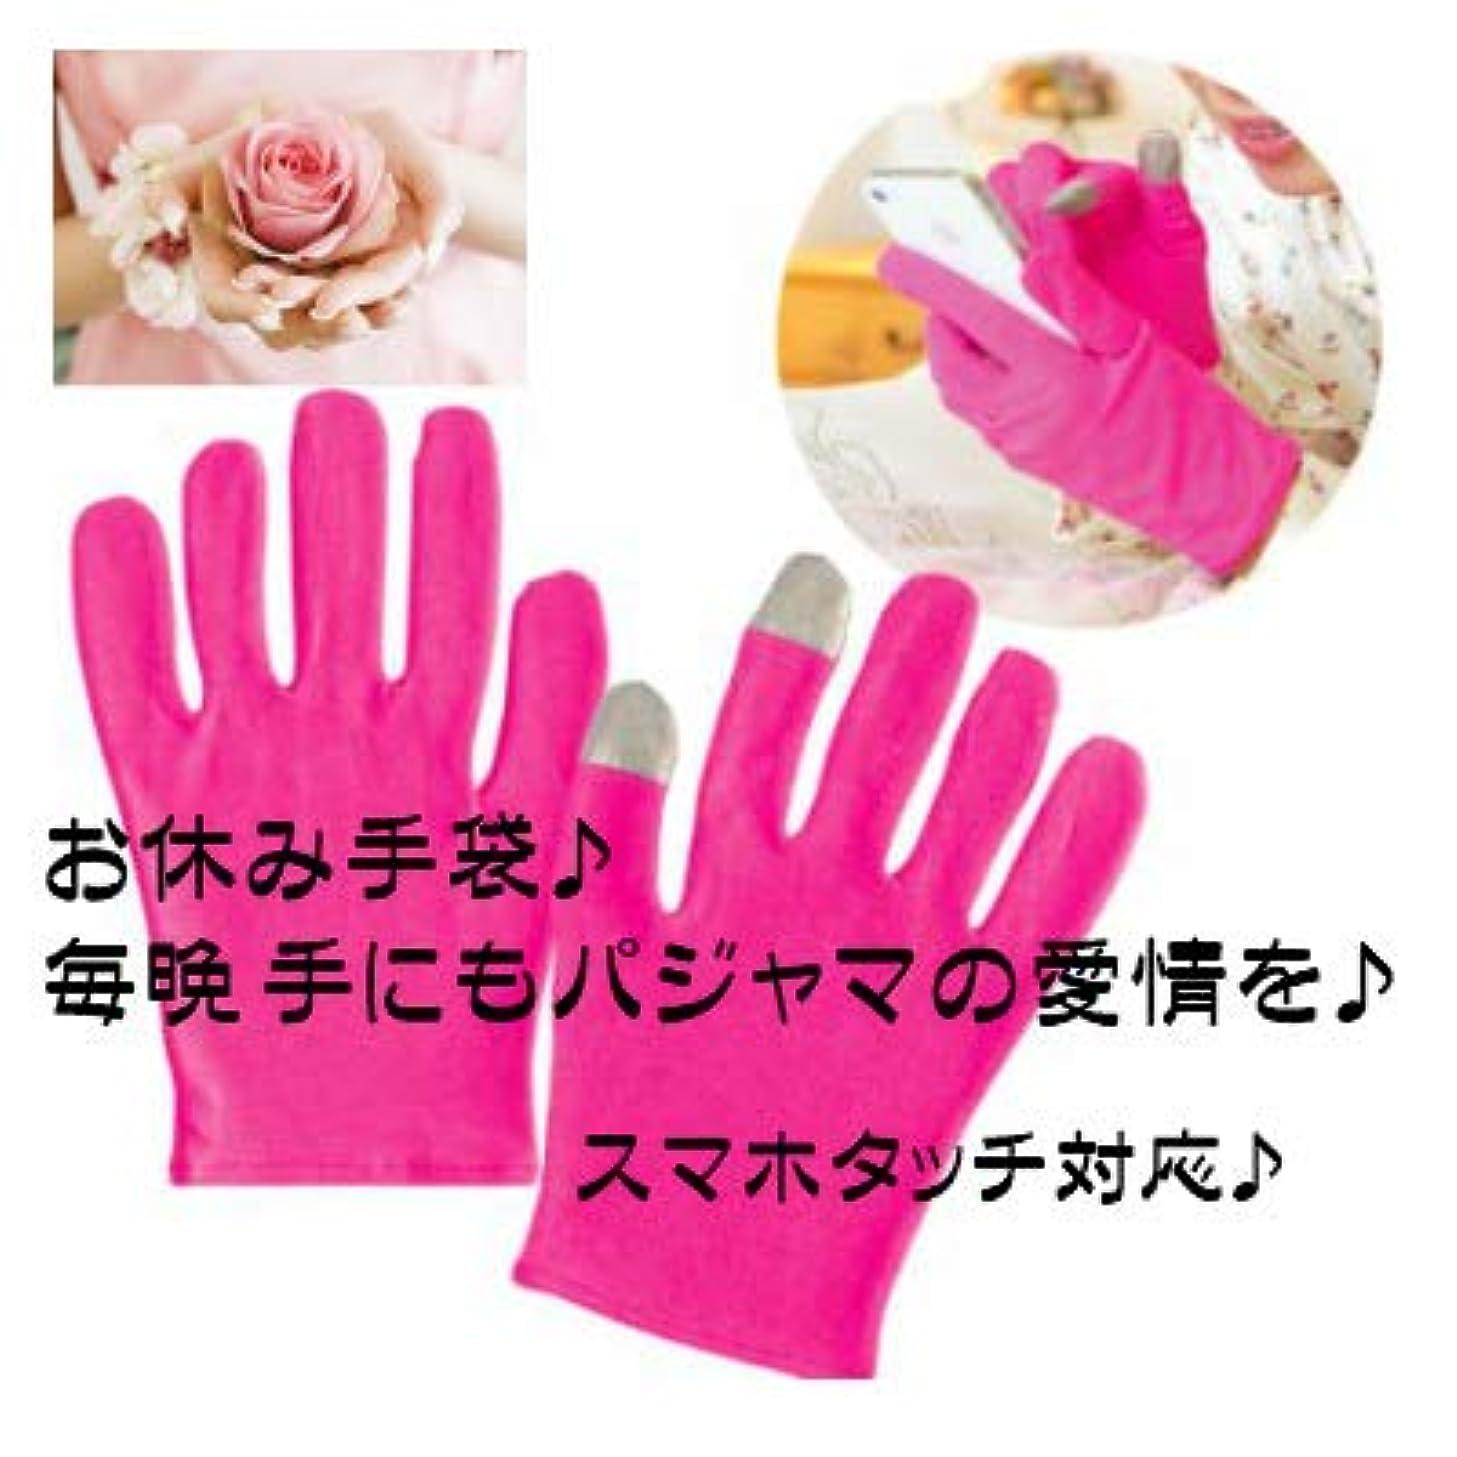 はぁメンタリティ覆す美容ハンドケア手袋 就寝手袋 スマホタッチ対応 おやすみ手袋保湿手袋